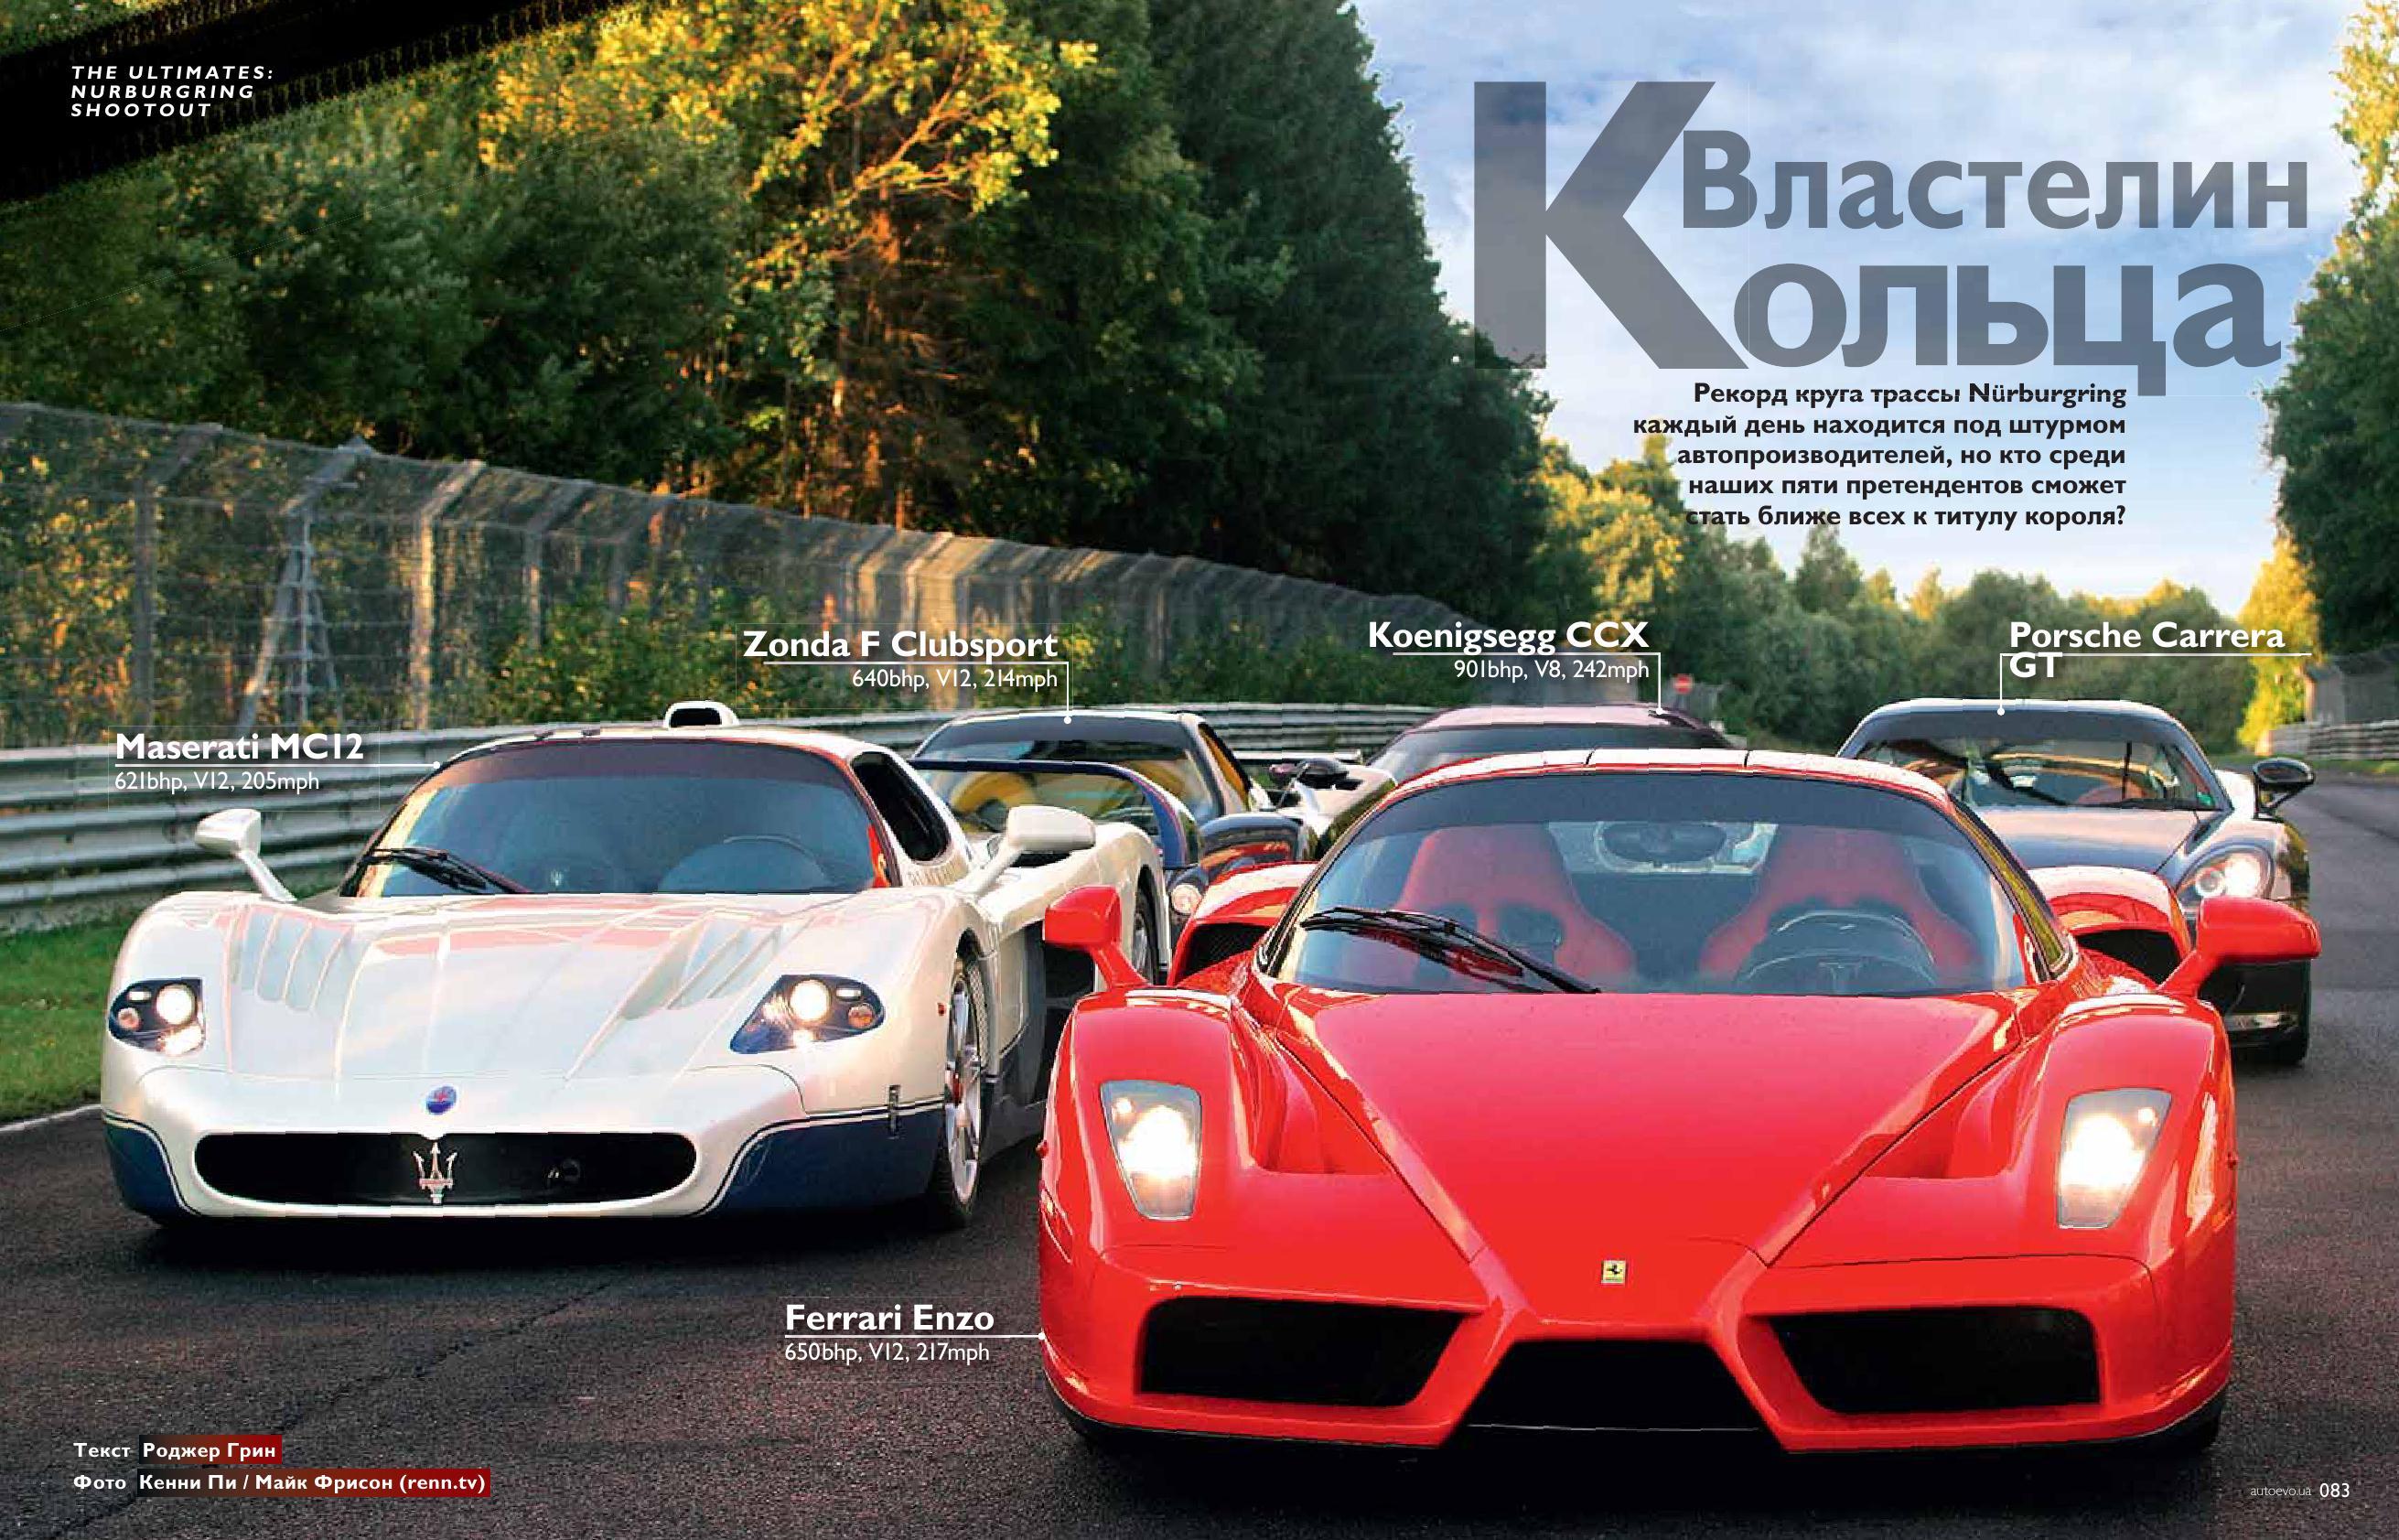 Koenigsegg | Porsche cars history